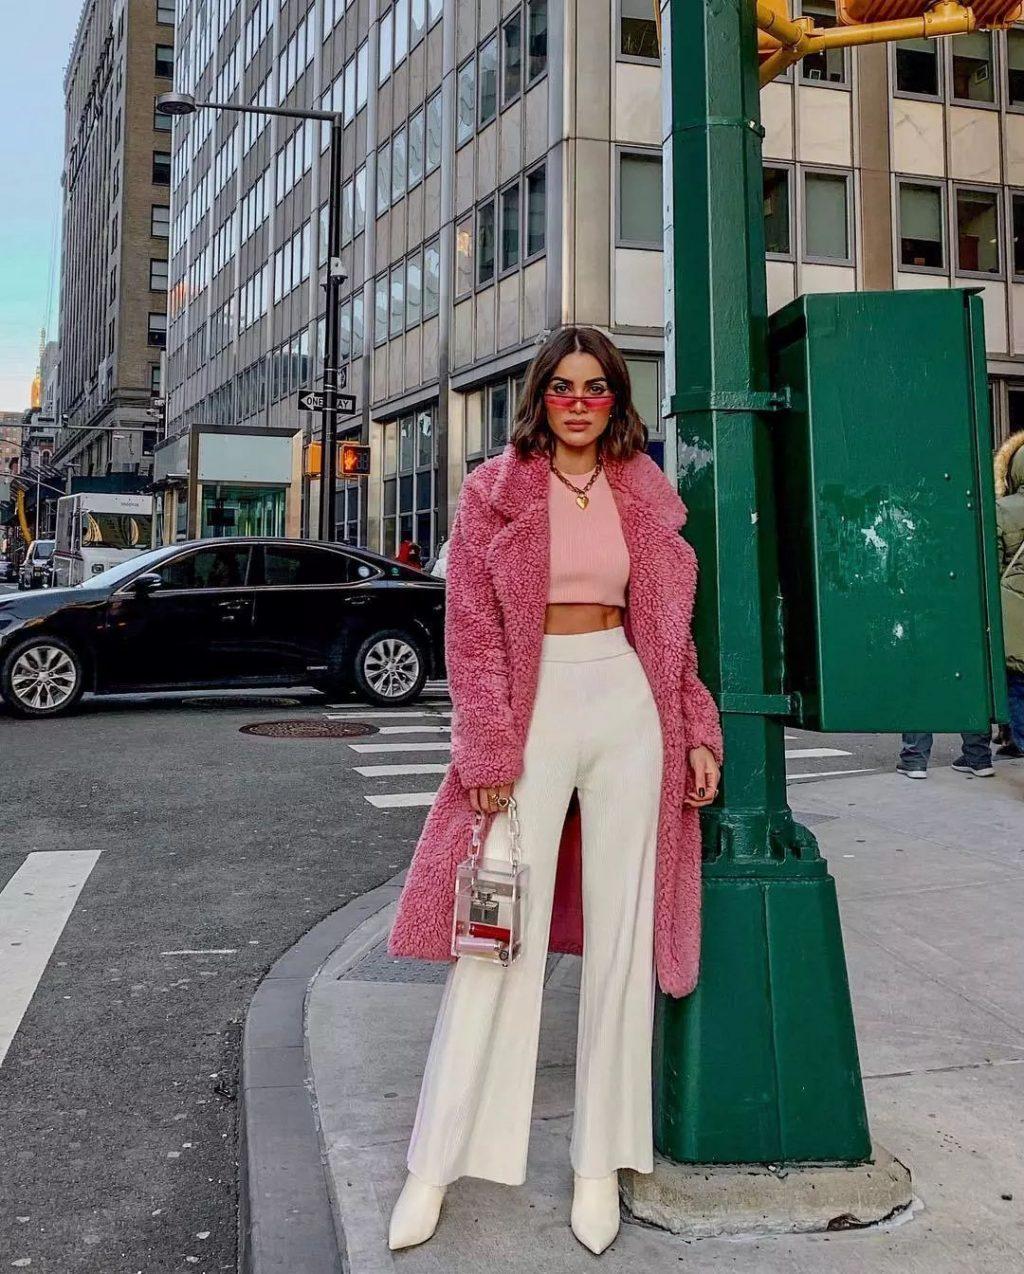 trang phục màu hồng màu trắng đi với màu hồng